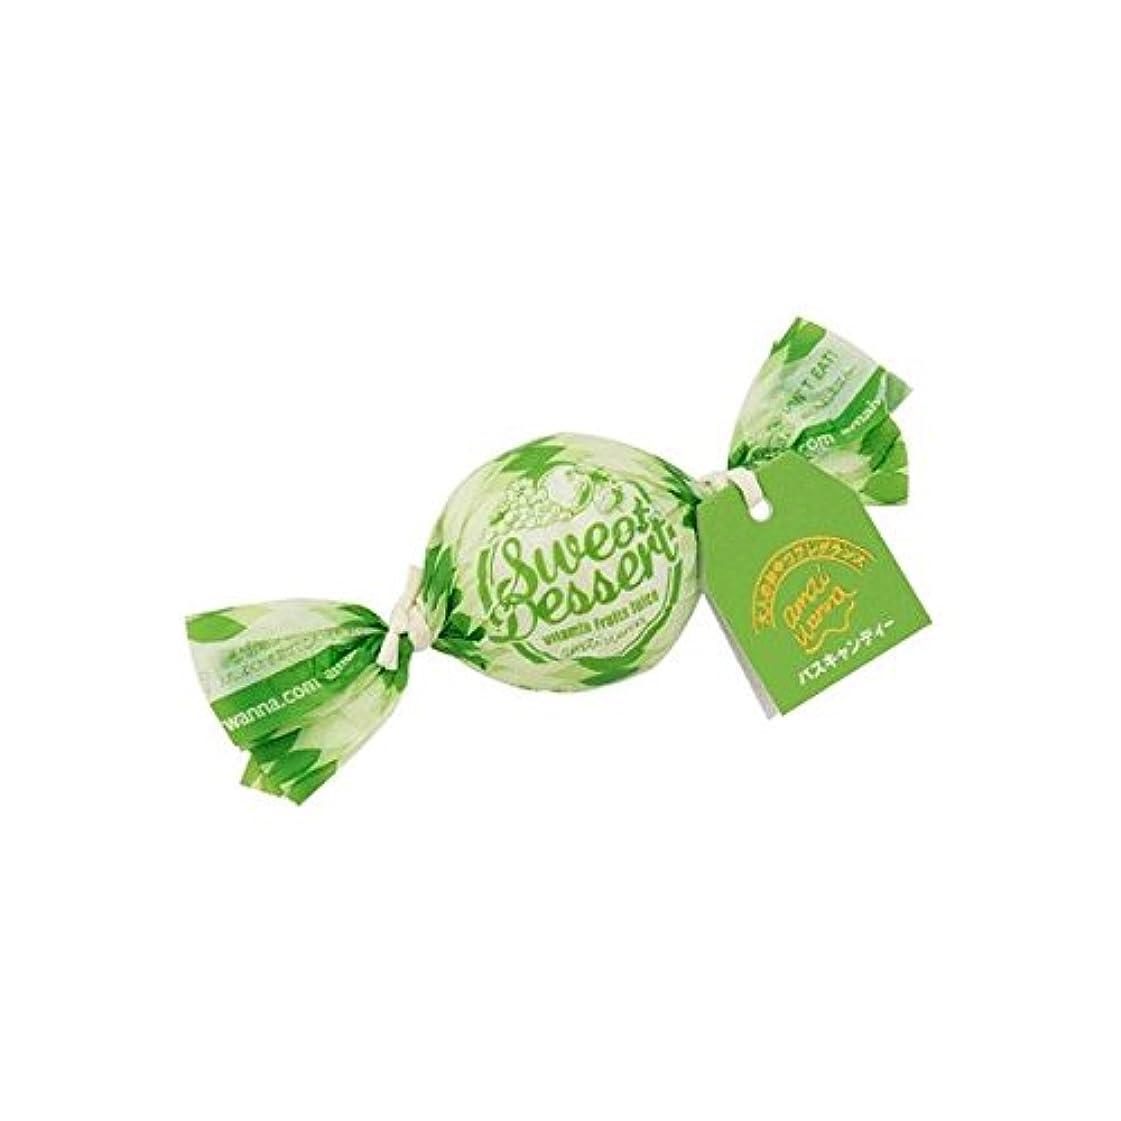 表現シミュレートするツイングローバルプロダクトプランニング アマイワナ バスキャンディー 1粒 ビタミンフルーツジュース 35g 4517161124224